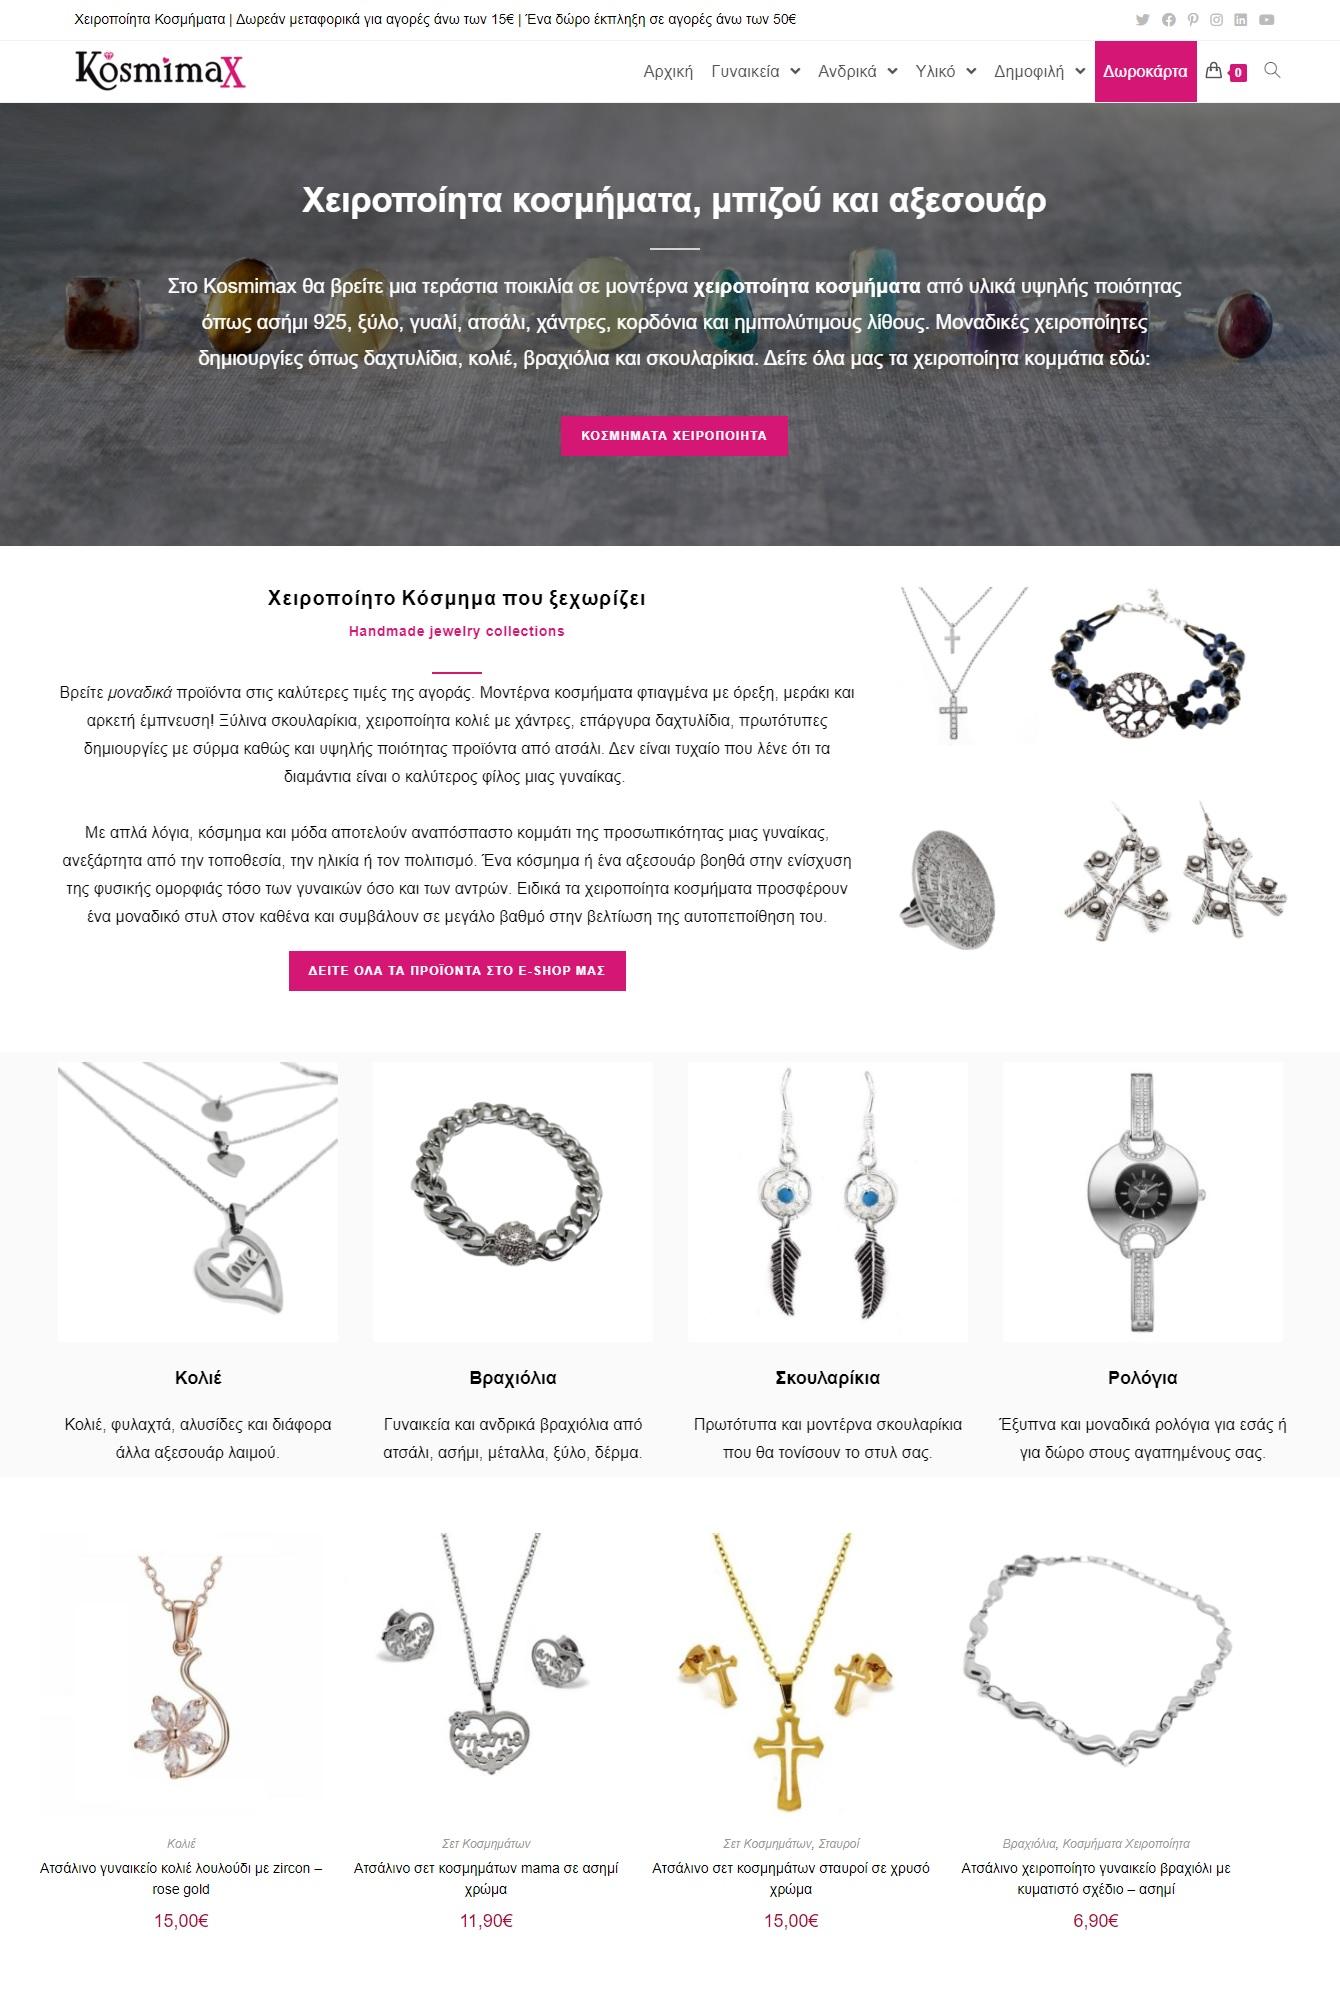 κοσμήματα και αξεσουάρ χονδρική πώληση